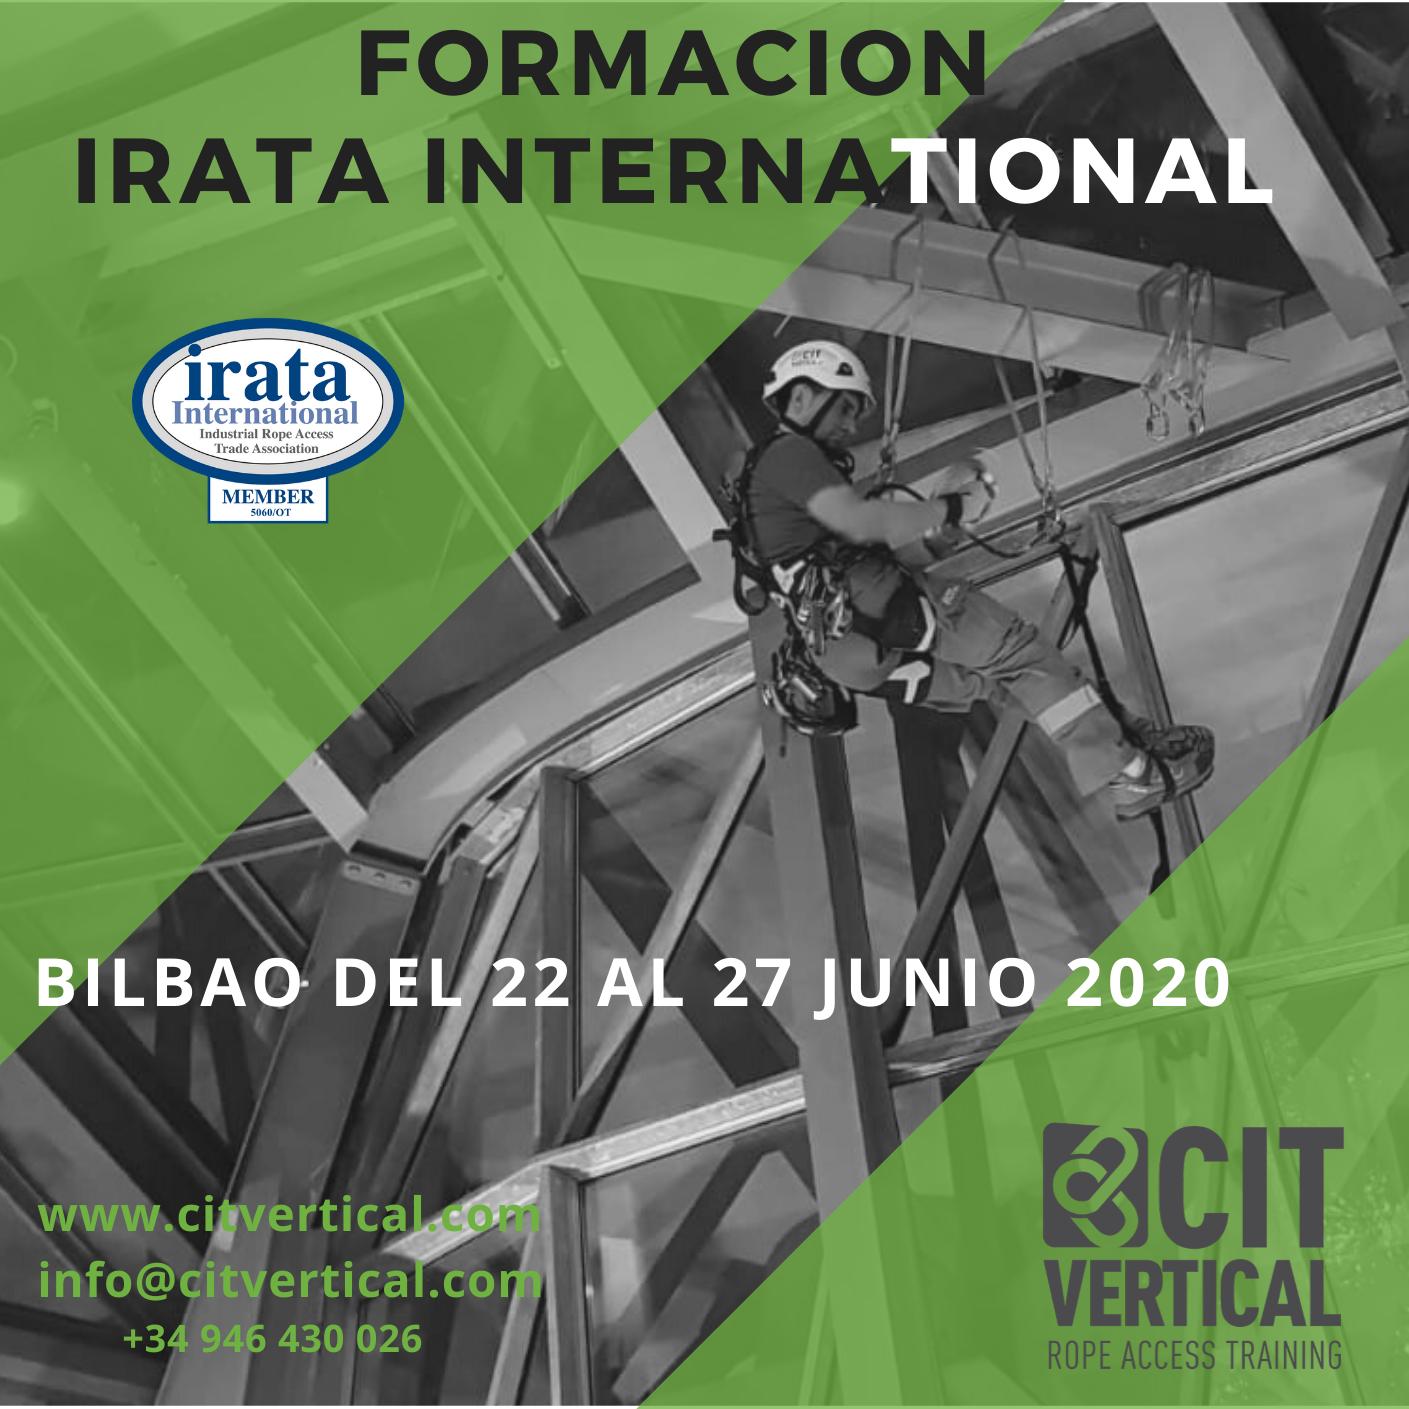 Formación Irata International